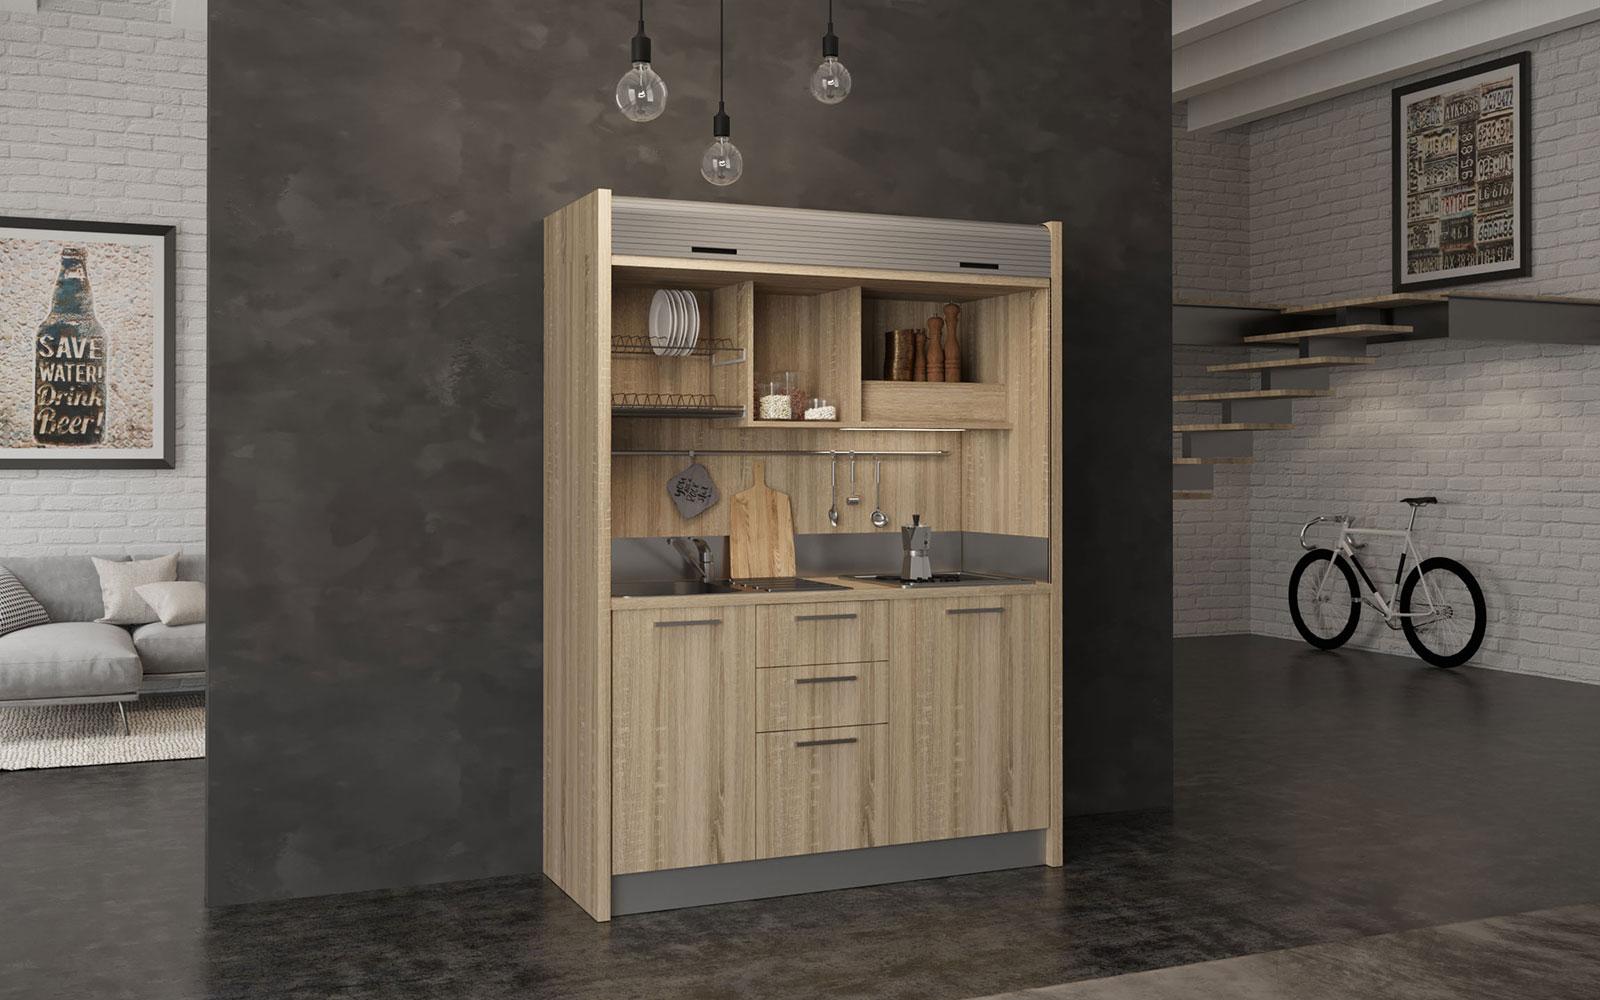 Chianti SX - Mini cucina nascosta 1 metro e 60 con chiusura a serranda